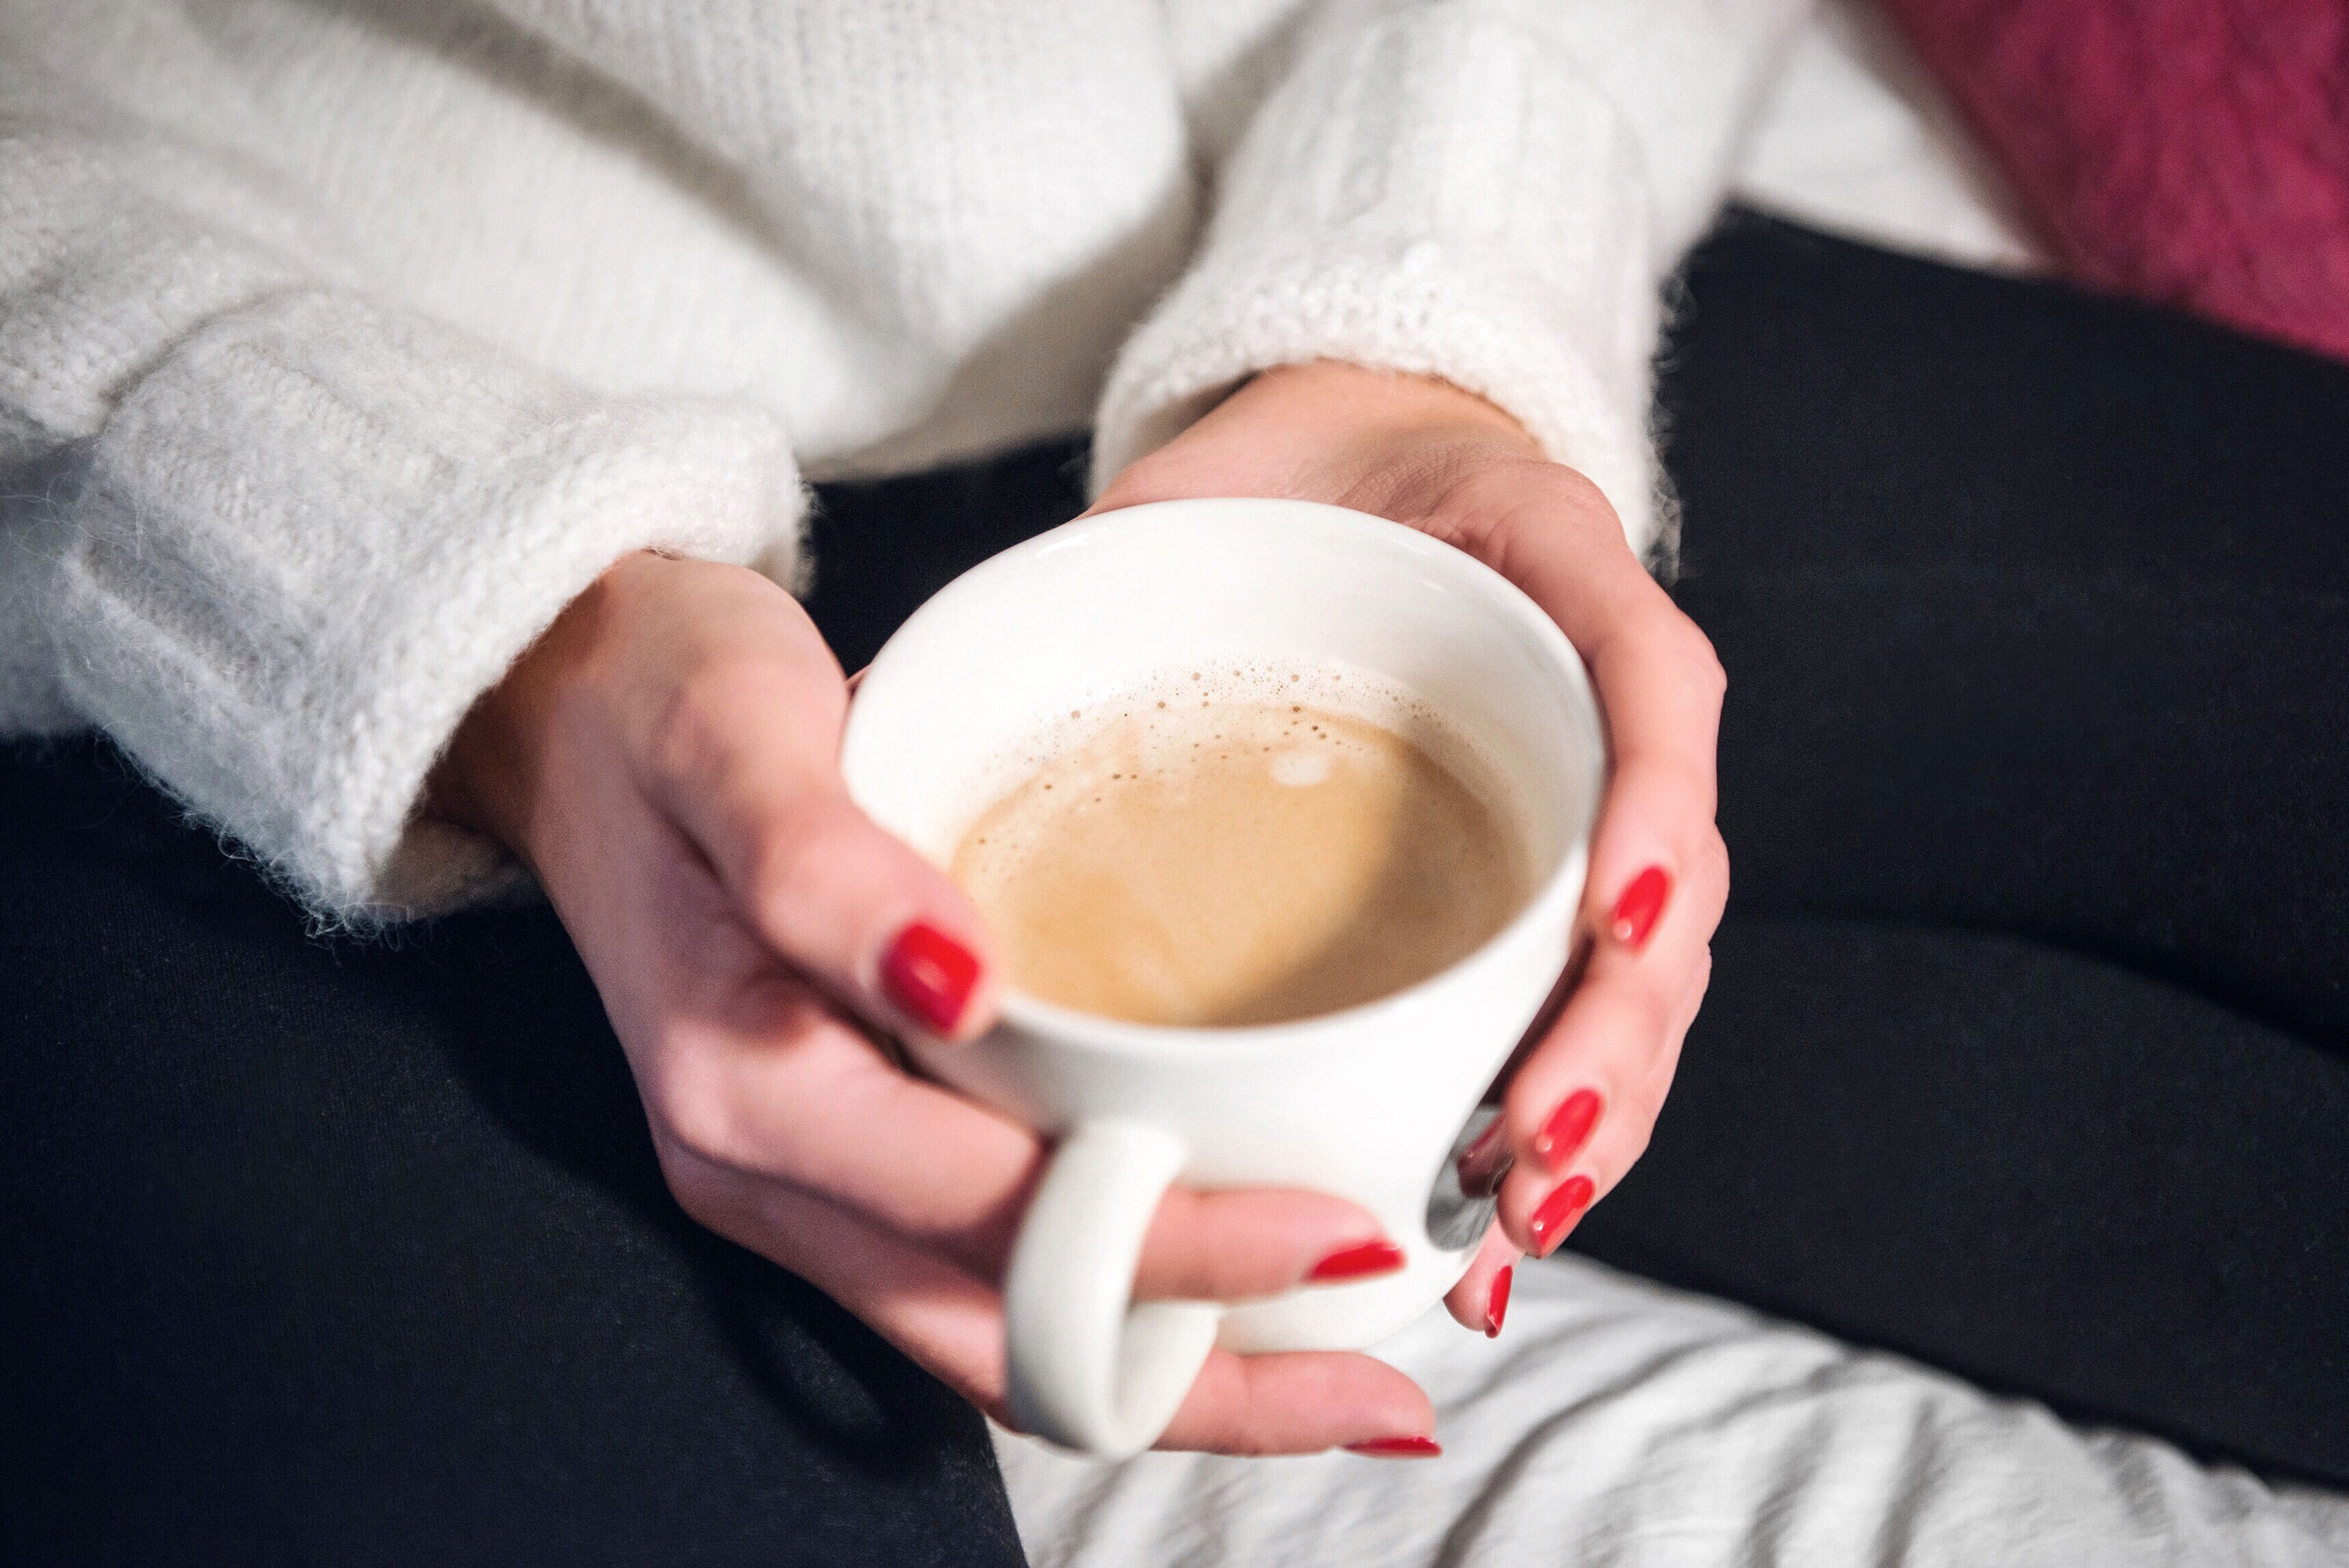 Neu: Jacobs Kaffee-Kapseln aus Aluminium | Werbung | How I met my outfit by Dana Lohmüller